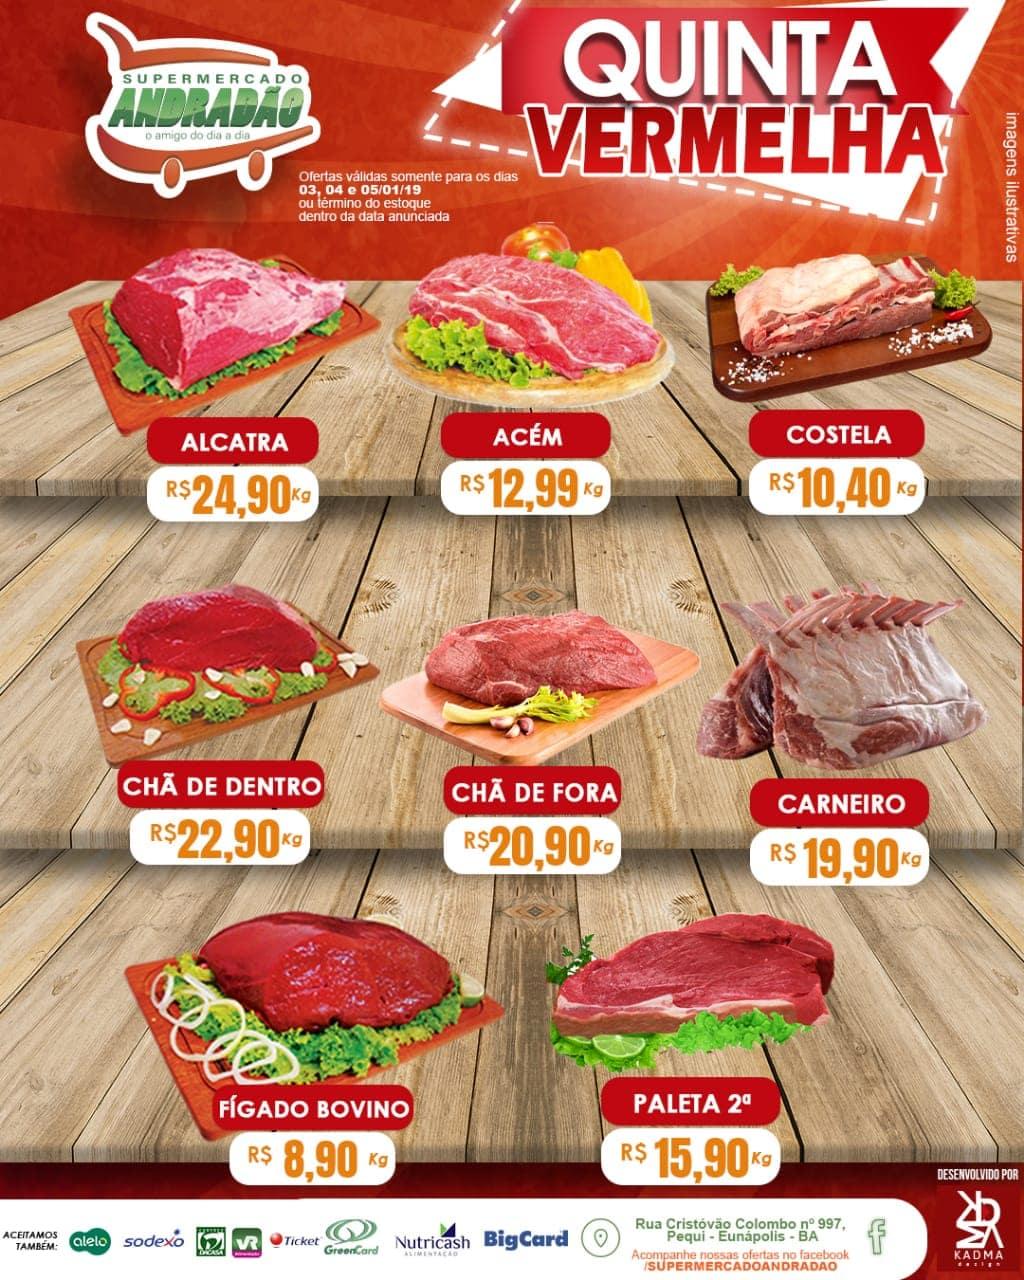 Promoção : Quinta Vermelha – Supermercado Andradão – Ofertas Válidas somente para os dias 03 A 05/01/19 1